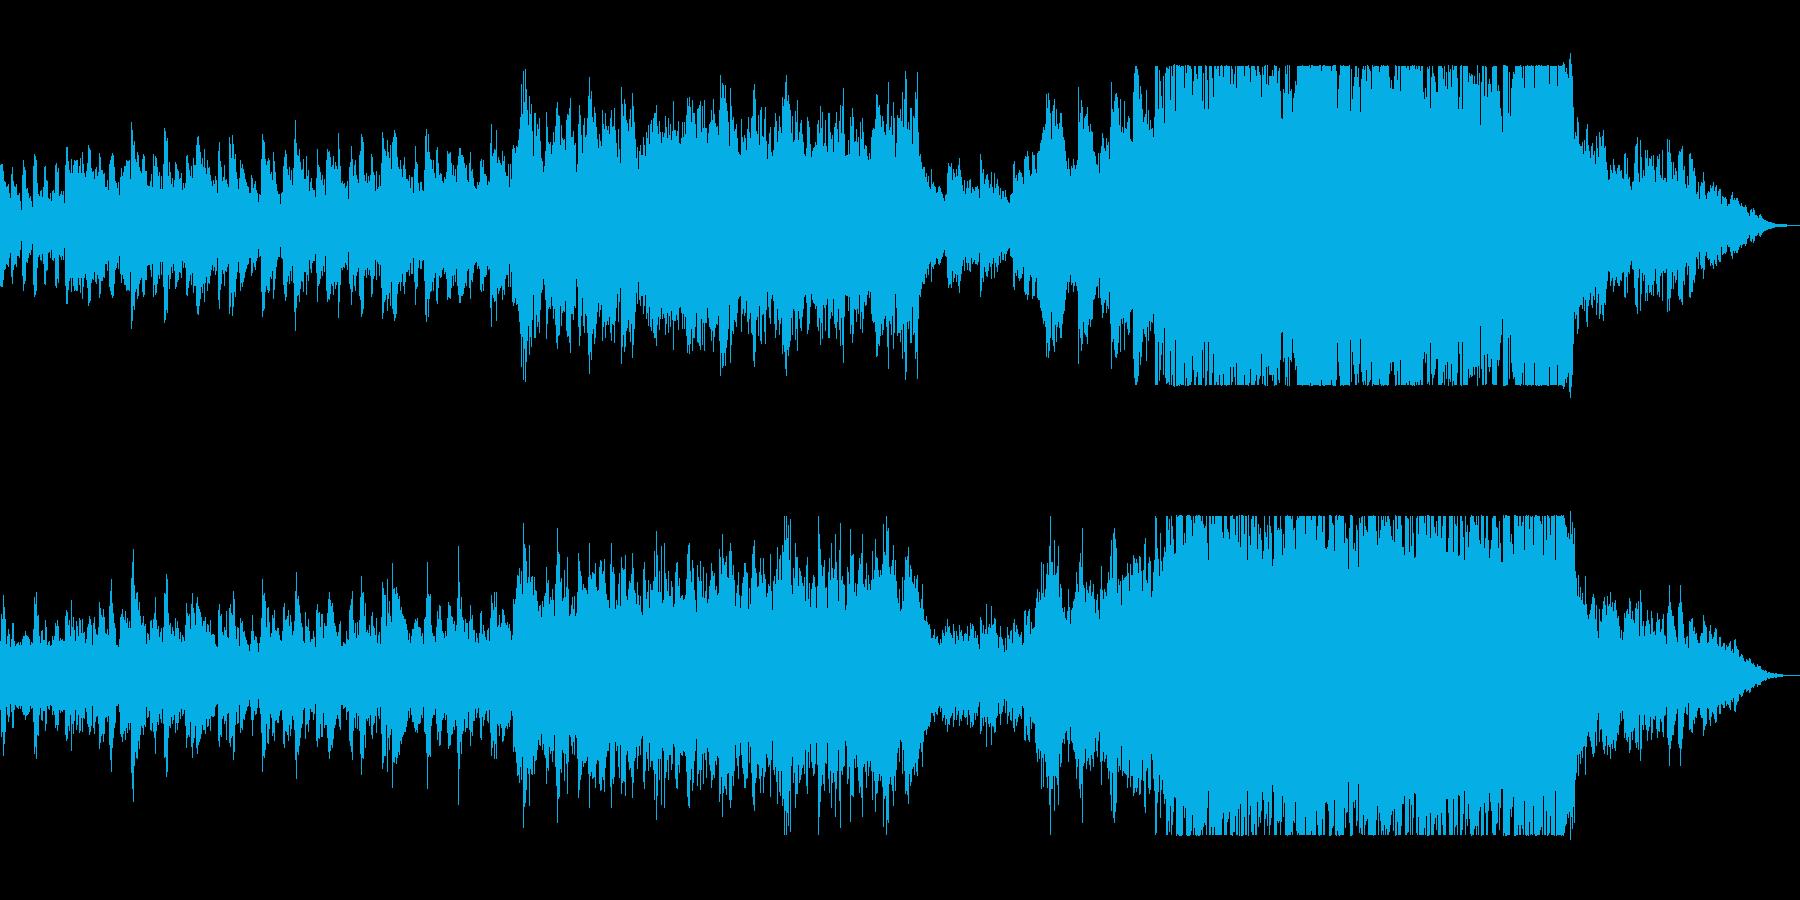 壮大なデジタル・オーケストラサウンドの再生済みの波形